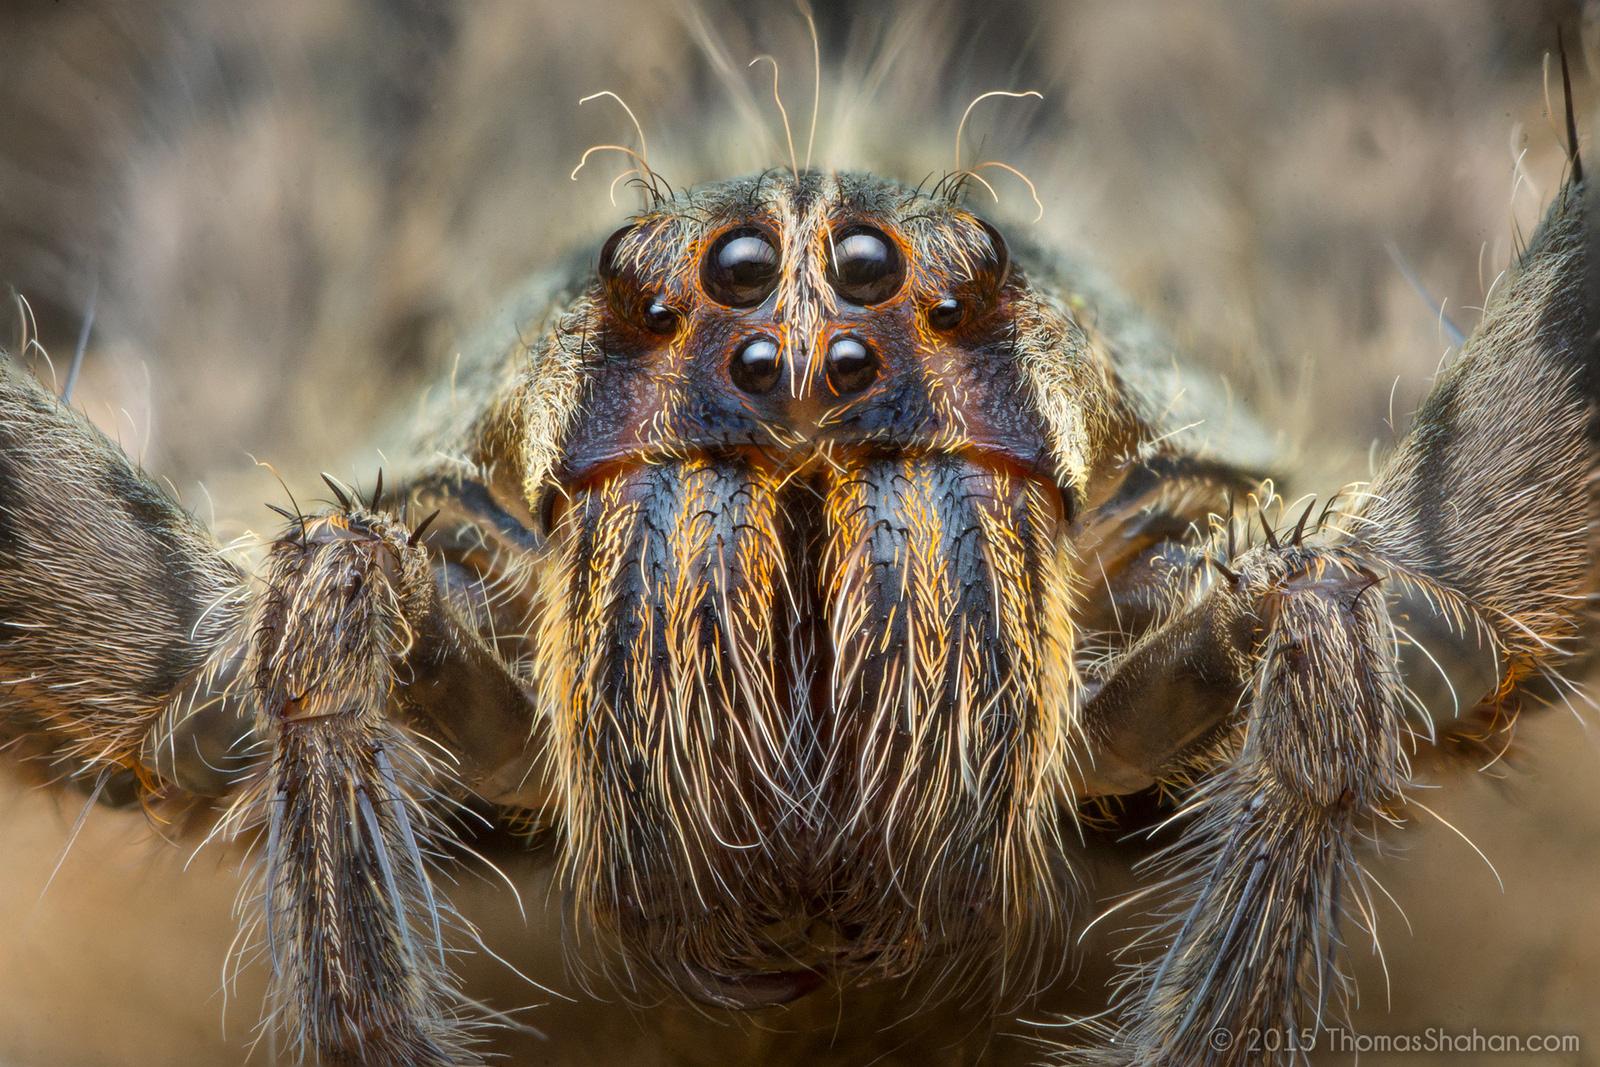 Cận cảnh loài nhện độc nhất thế giới có thể hạ gục người chỉ trong một vết cắn - Ảnh 2.